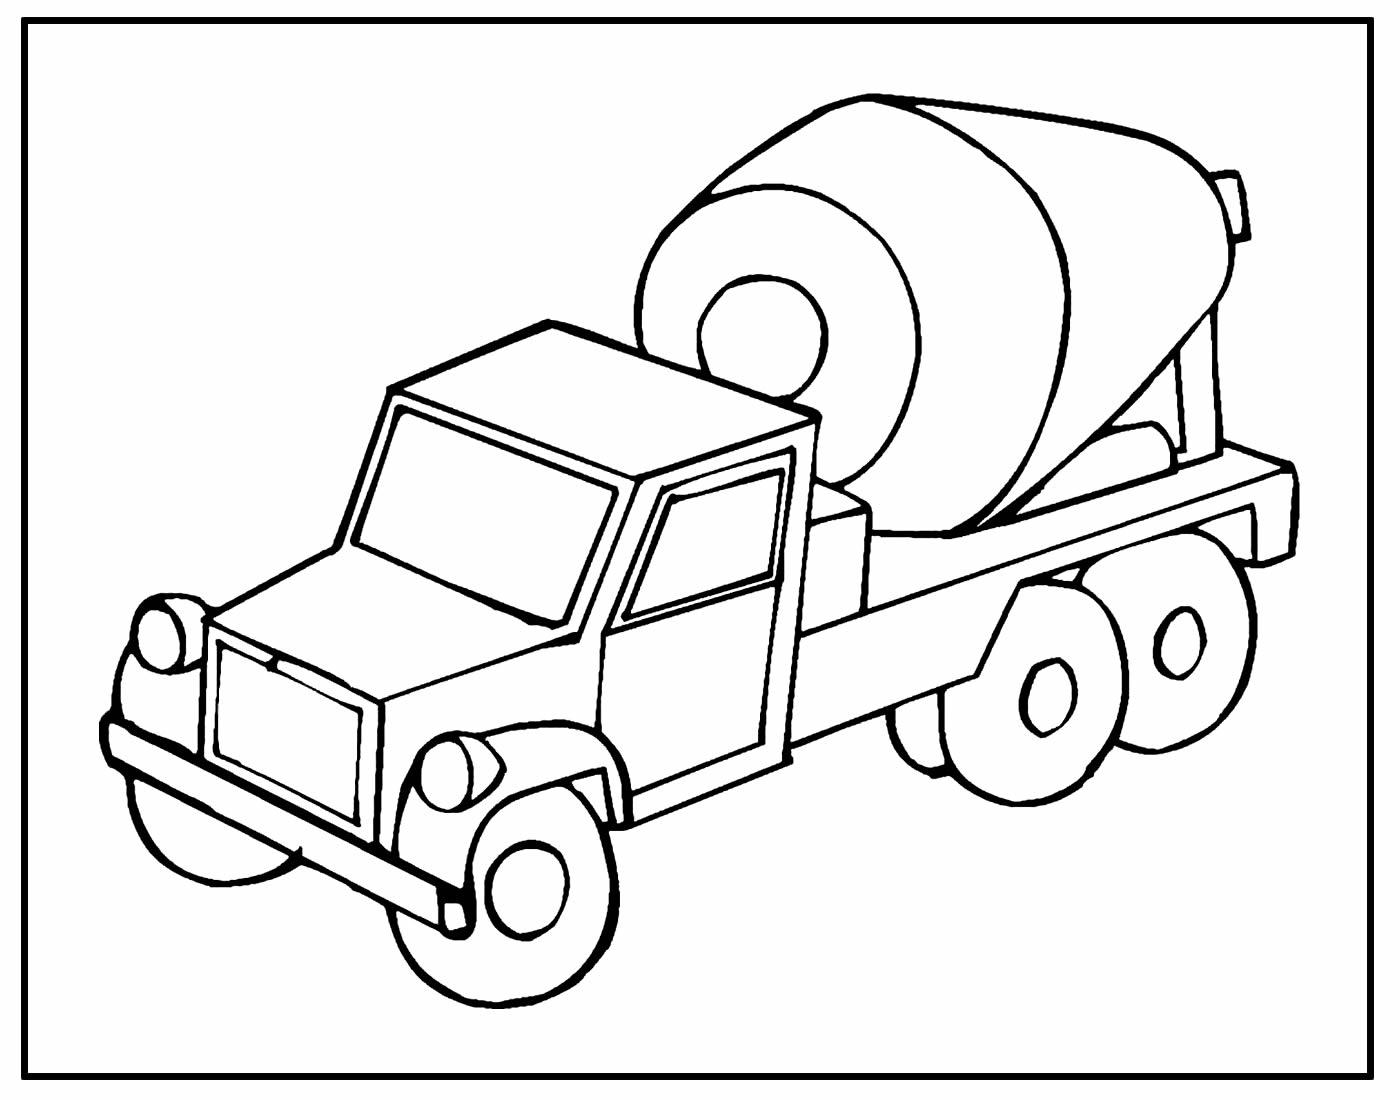 Página para pintar Caminhão